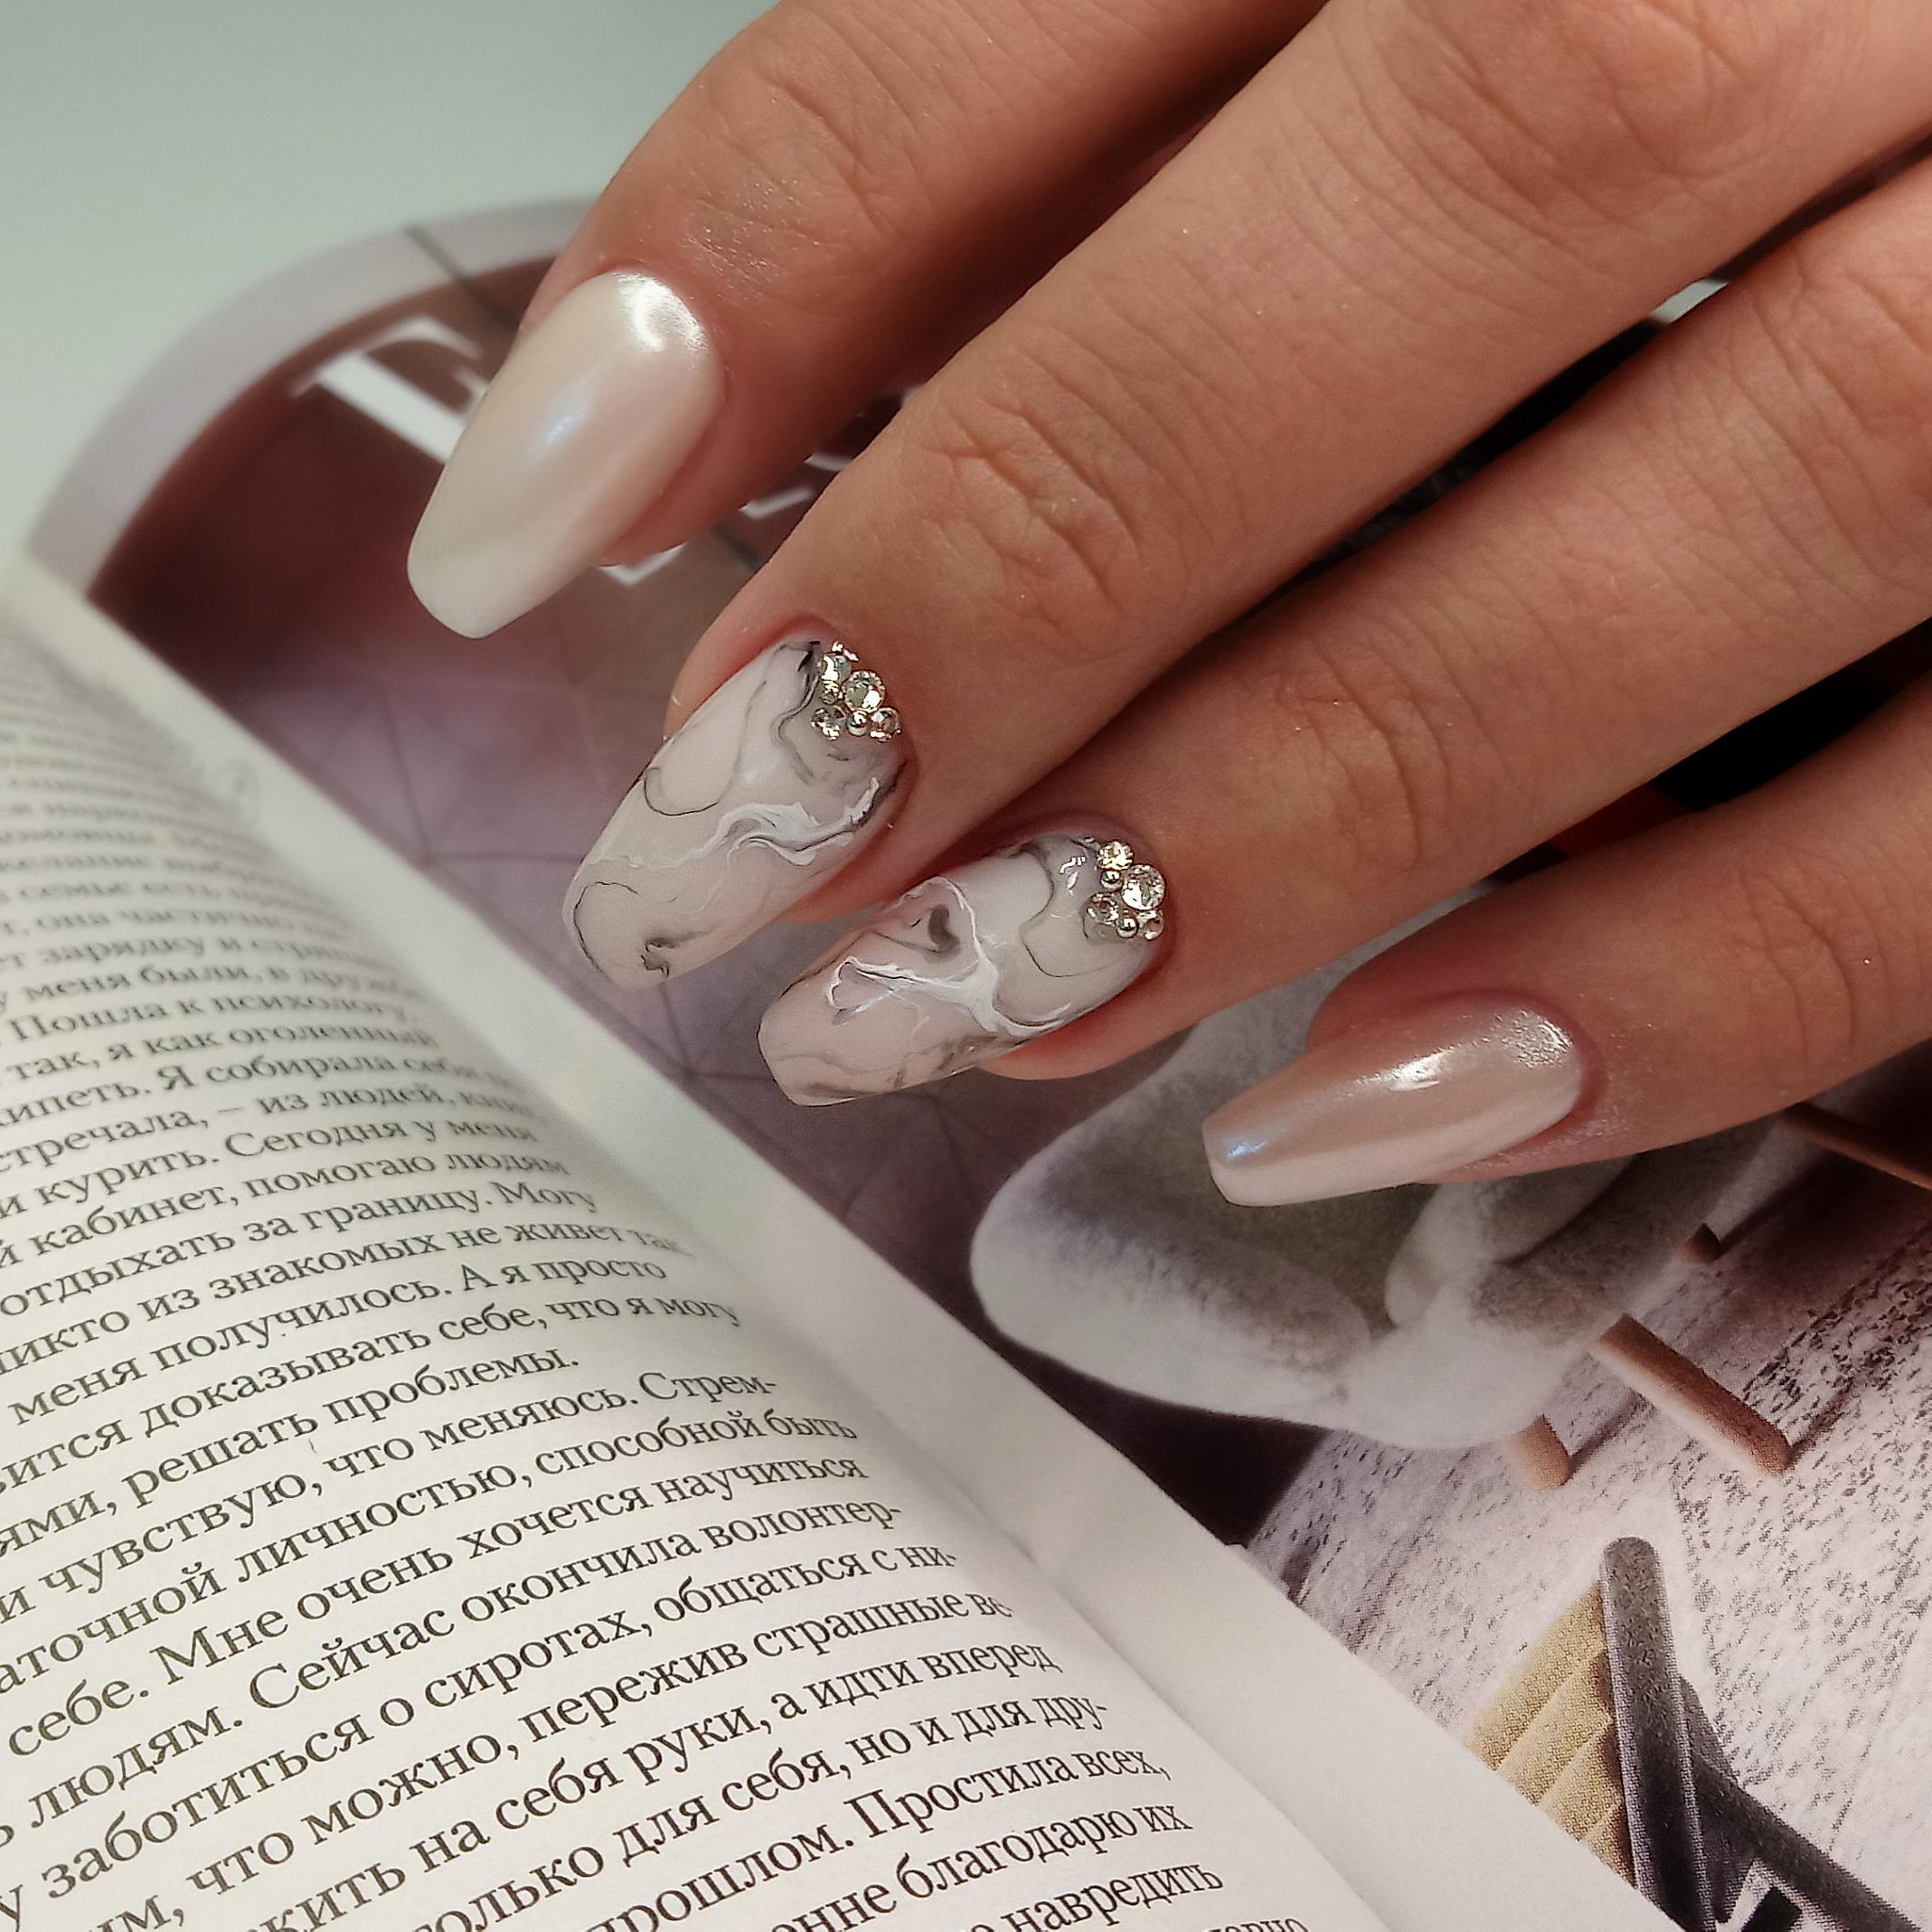 Маникюр с мраморным дизайном,стразами и втиркой на длинные ногти.